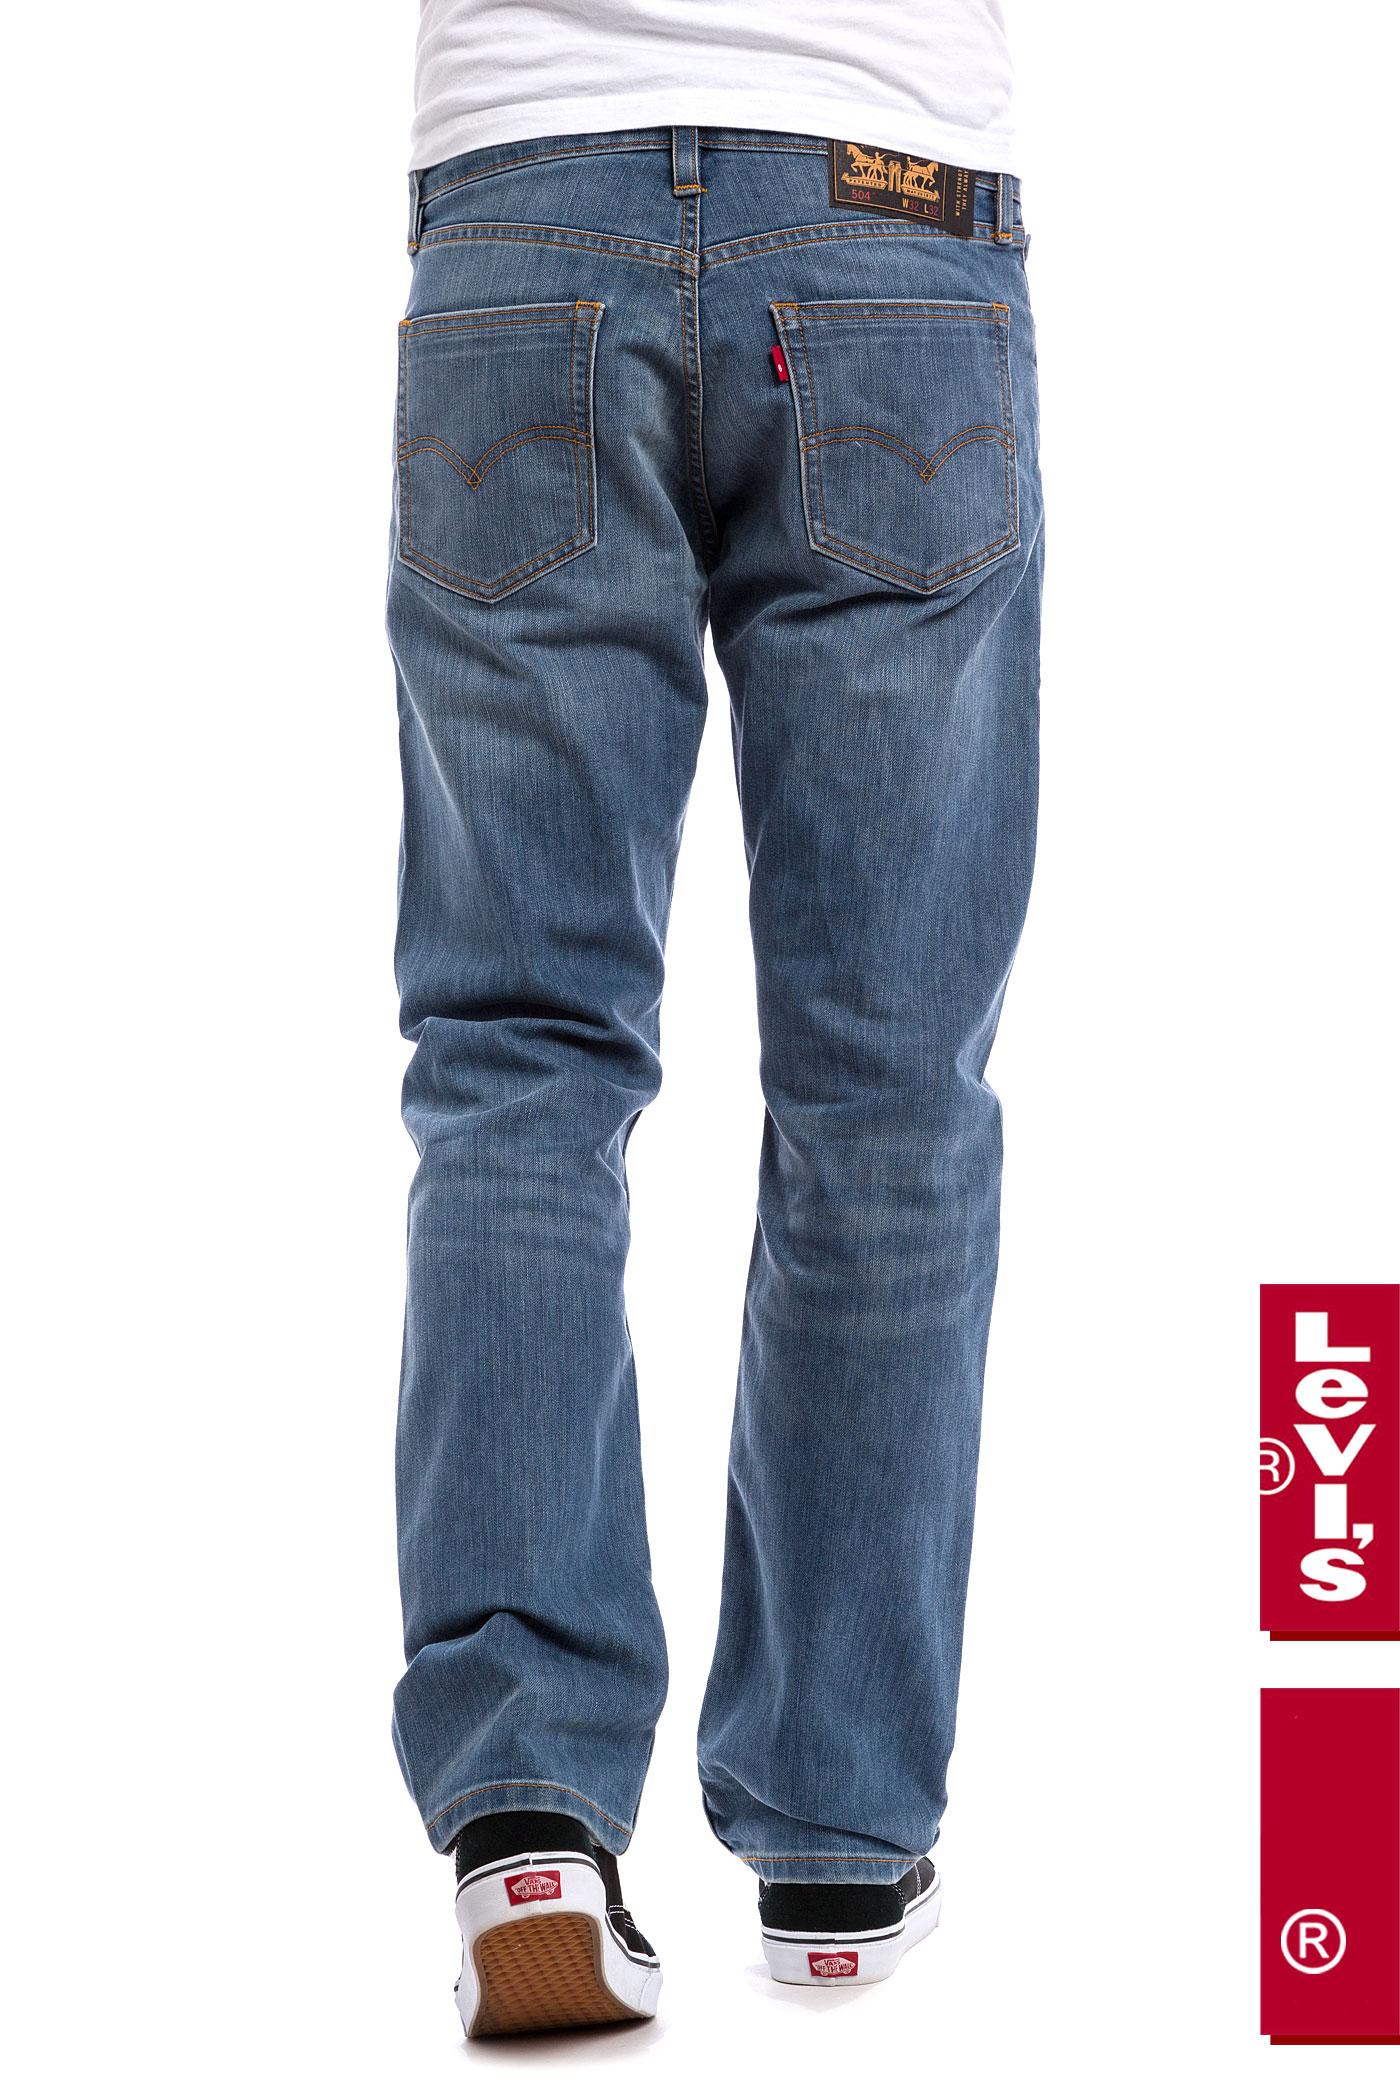 levi 39 s skate 504 regular straight jeans del sol buy at. Black Bedroom Furniture Sets. Home Design Ideas